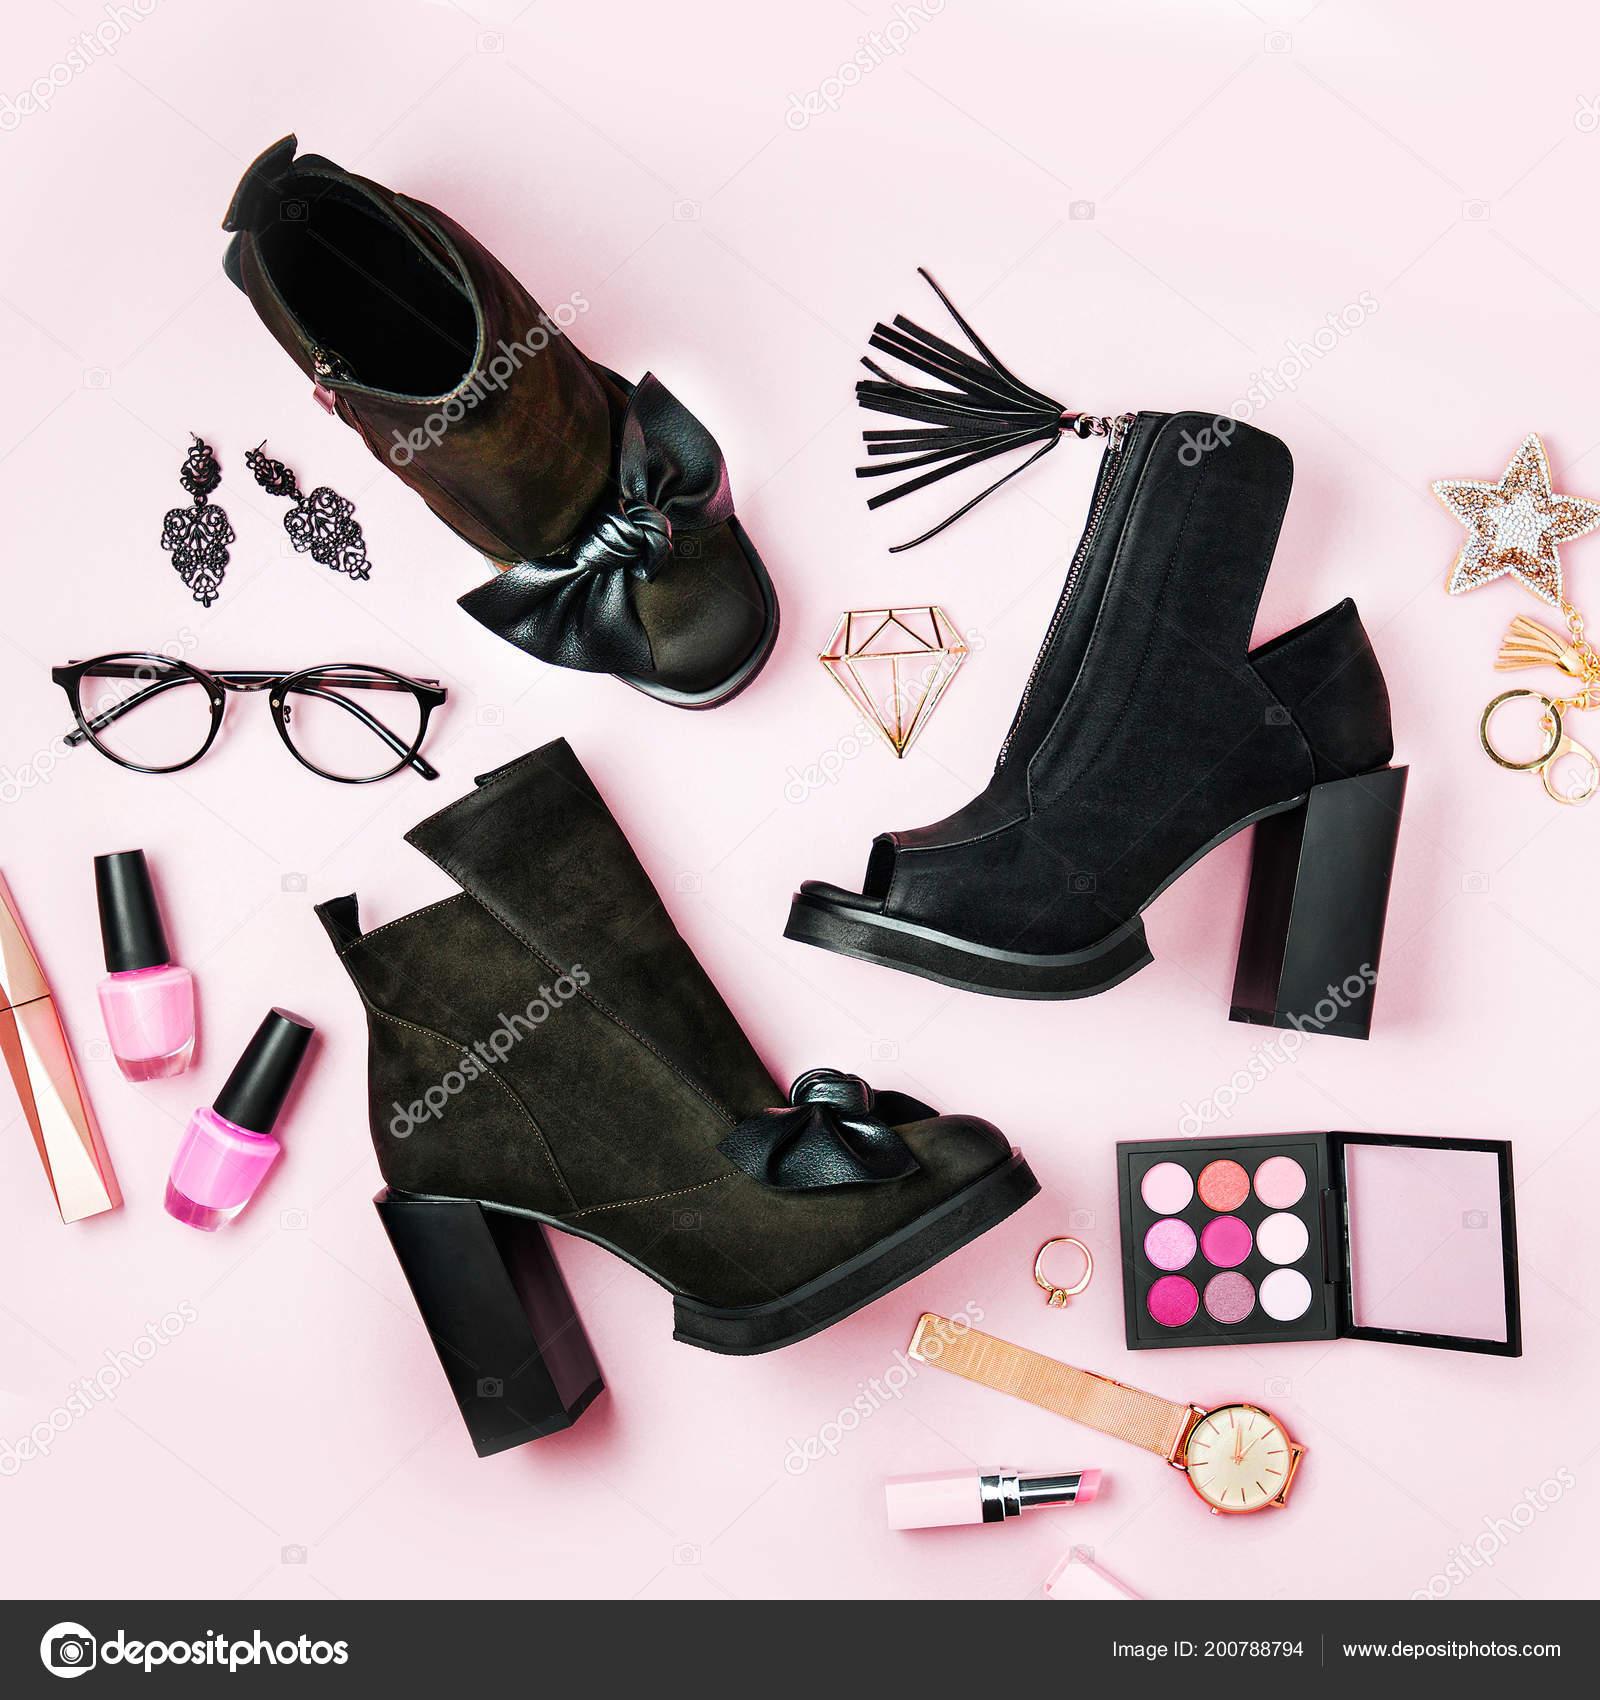 614f5c2487c Elegante mujer negro botines con accesorio sobre fondo rosa pálido. Vista  plana endecha